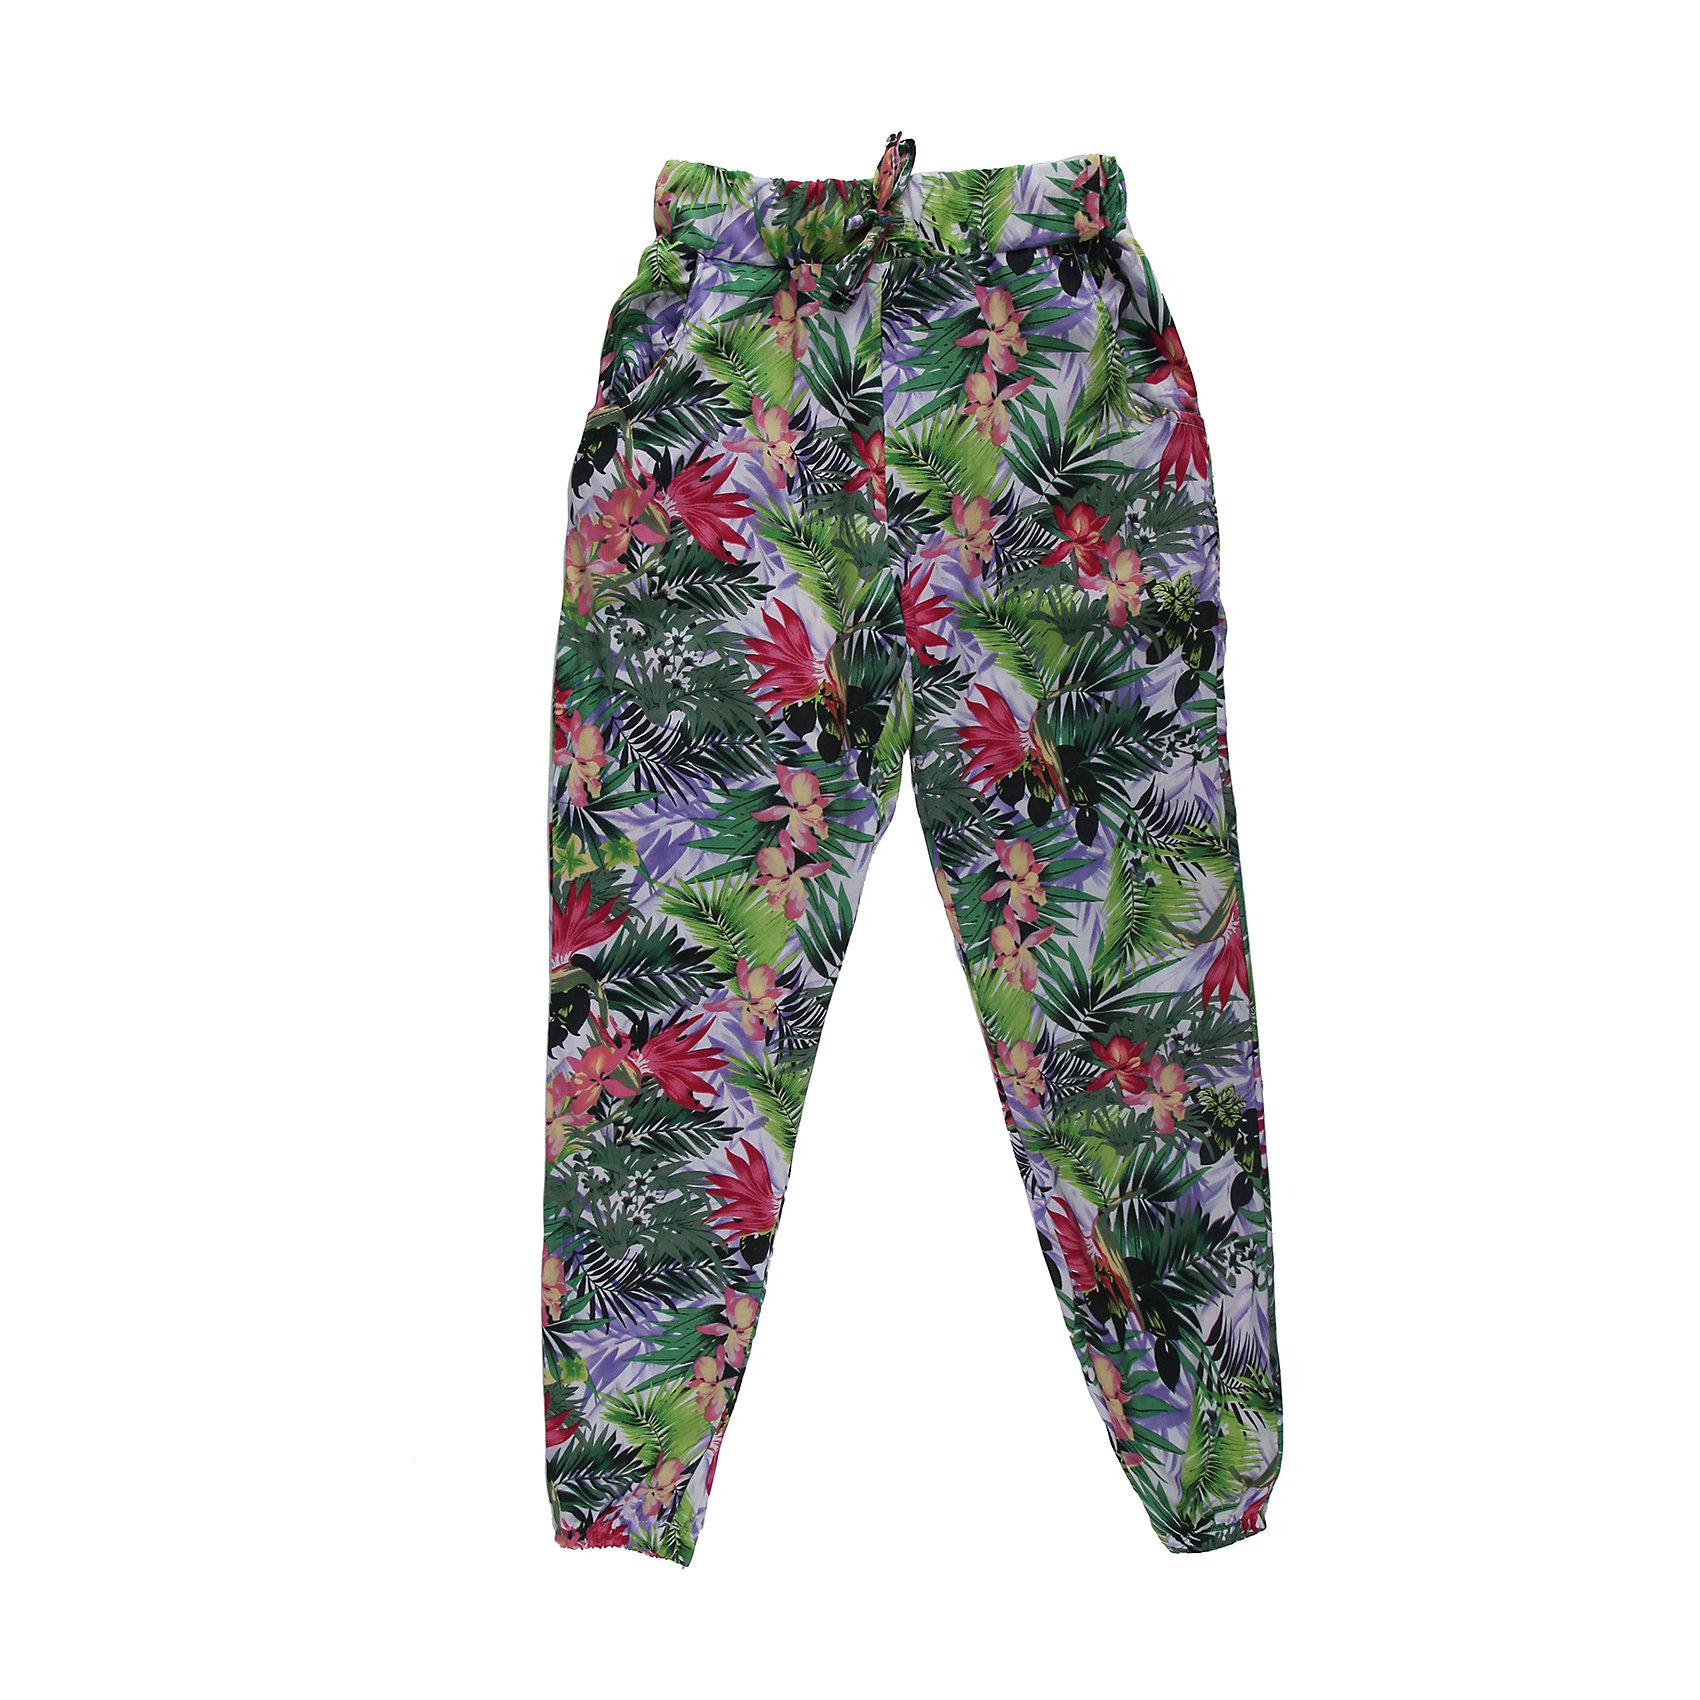 Брюки для девочки LuminosoТонкие брюки из текстиля для жаркой погоды.<br>Состав:<br>100% вискоза<br><br>Ширина мм: 215<br>Глубина мм: 88<br>Высота мм: 191<br>Вес г: 336<br>Цвет: разноцветный<br>Возраст от месяцев: 120<br>Возраст до месяцев: 132<br>Пол: Женский<br>Возраст: Детский<br>Размер: 146,140,134,164,158,152<br>SKU: 4521772